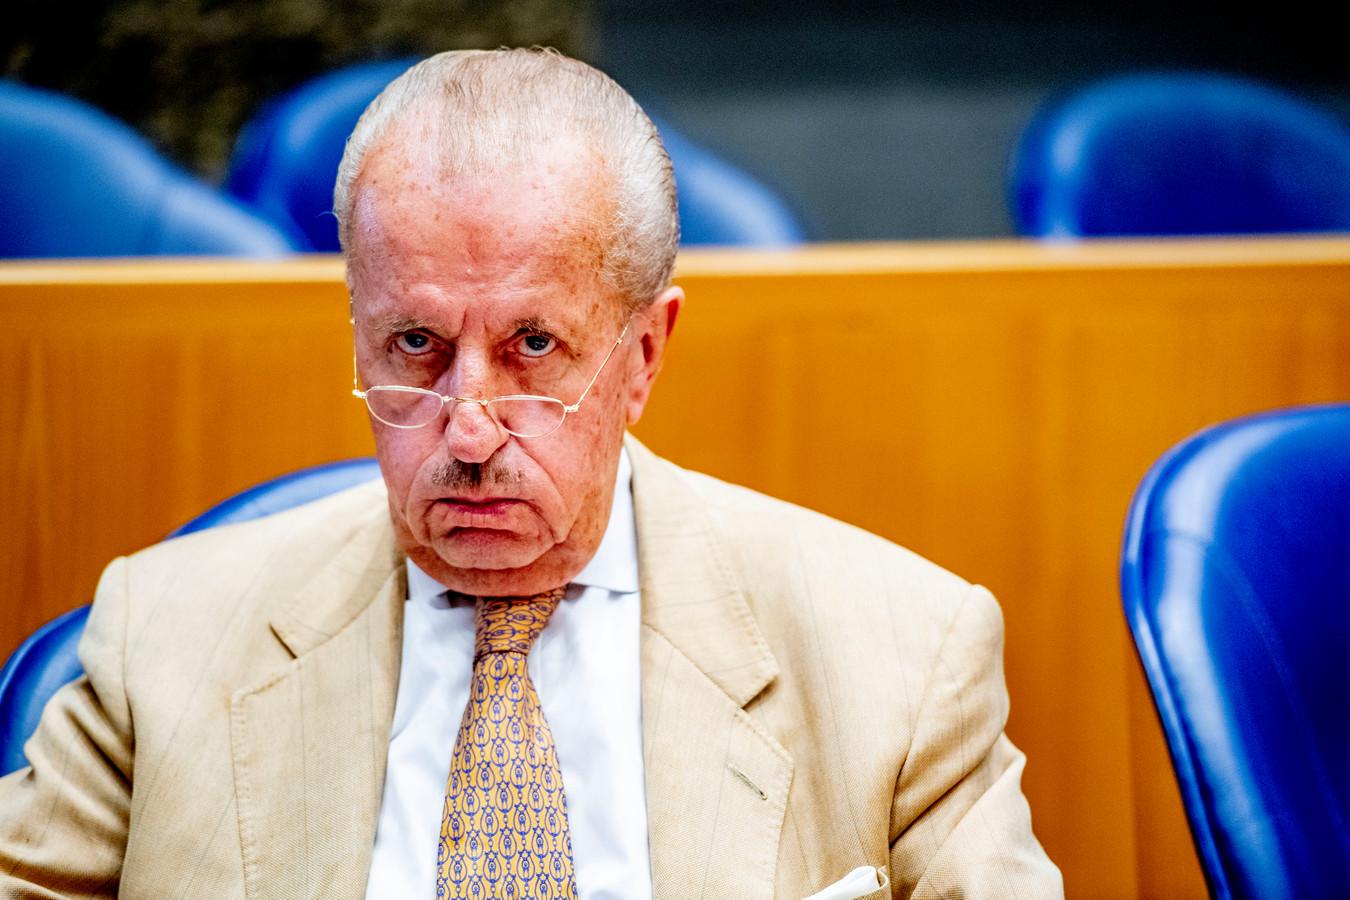 Theo Hiddema (FvD) nadat hij op zijn vingers is getikt door kamervoorzitter Khadija Arib tijdens het debat in de Tweede Kamer over de moord op Anne Faber.